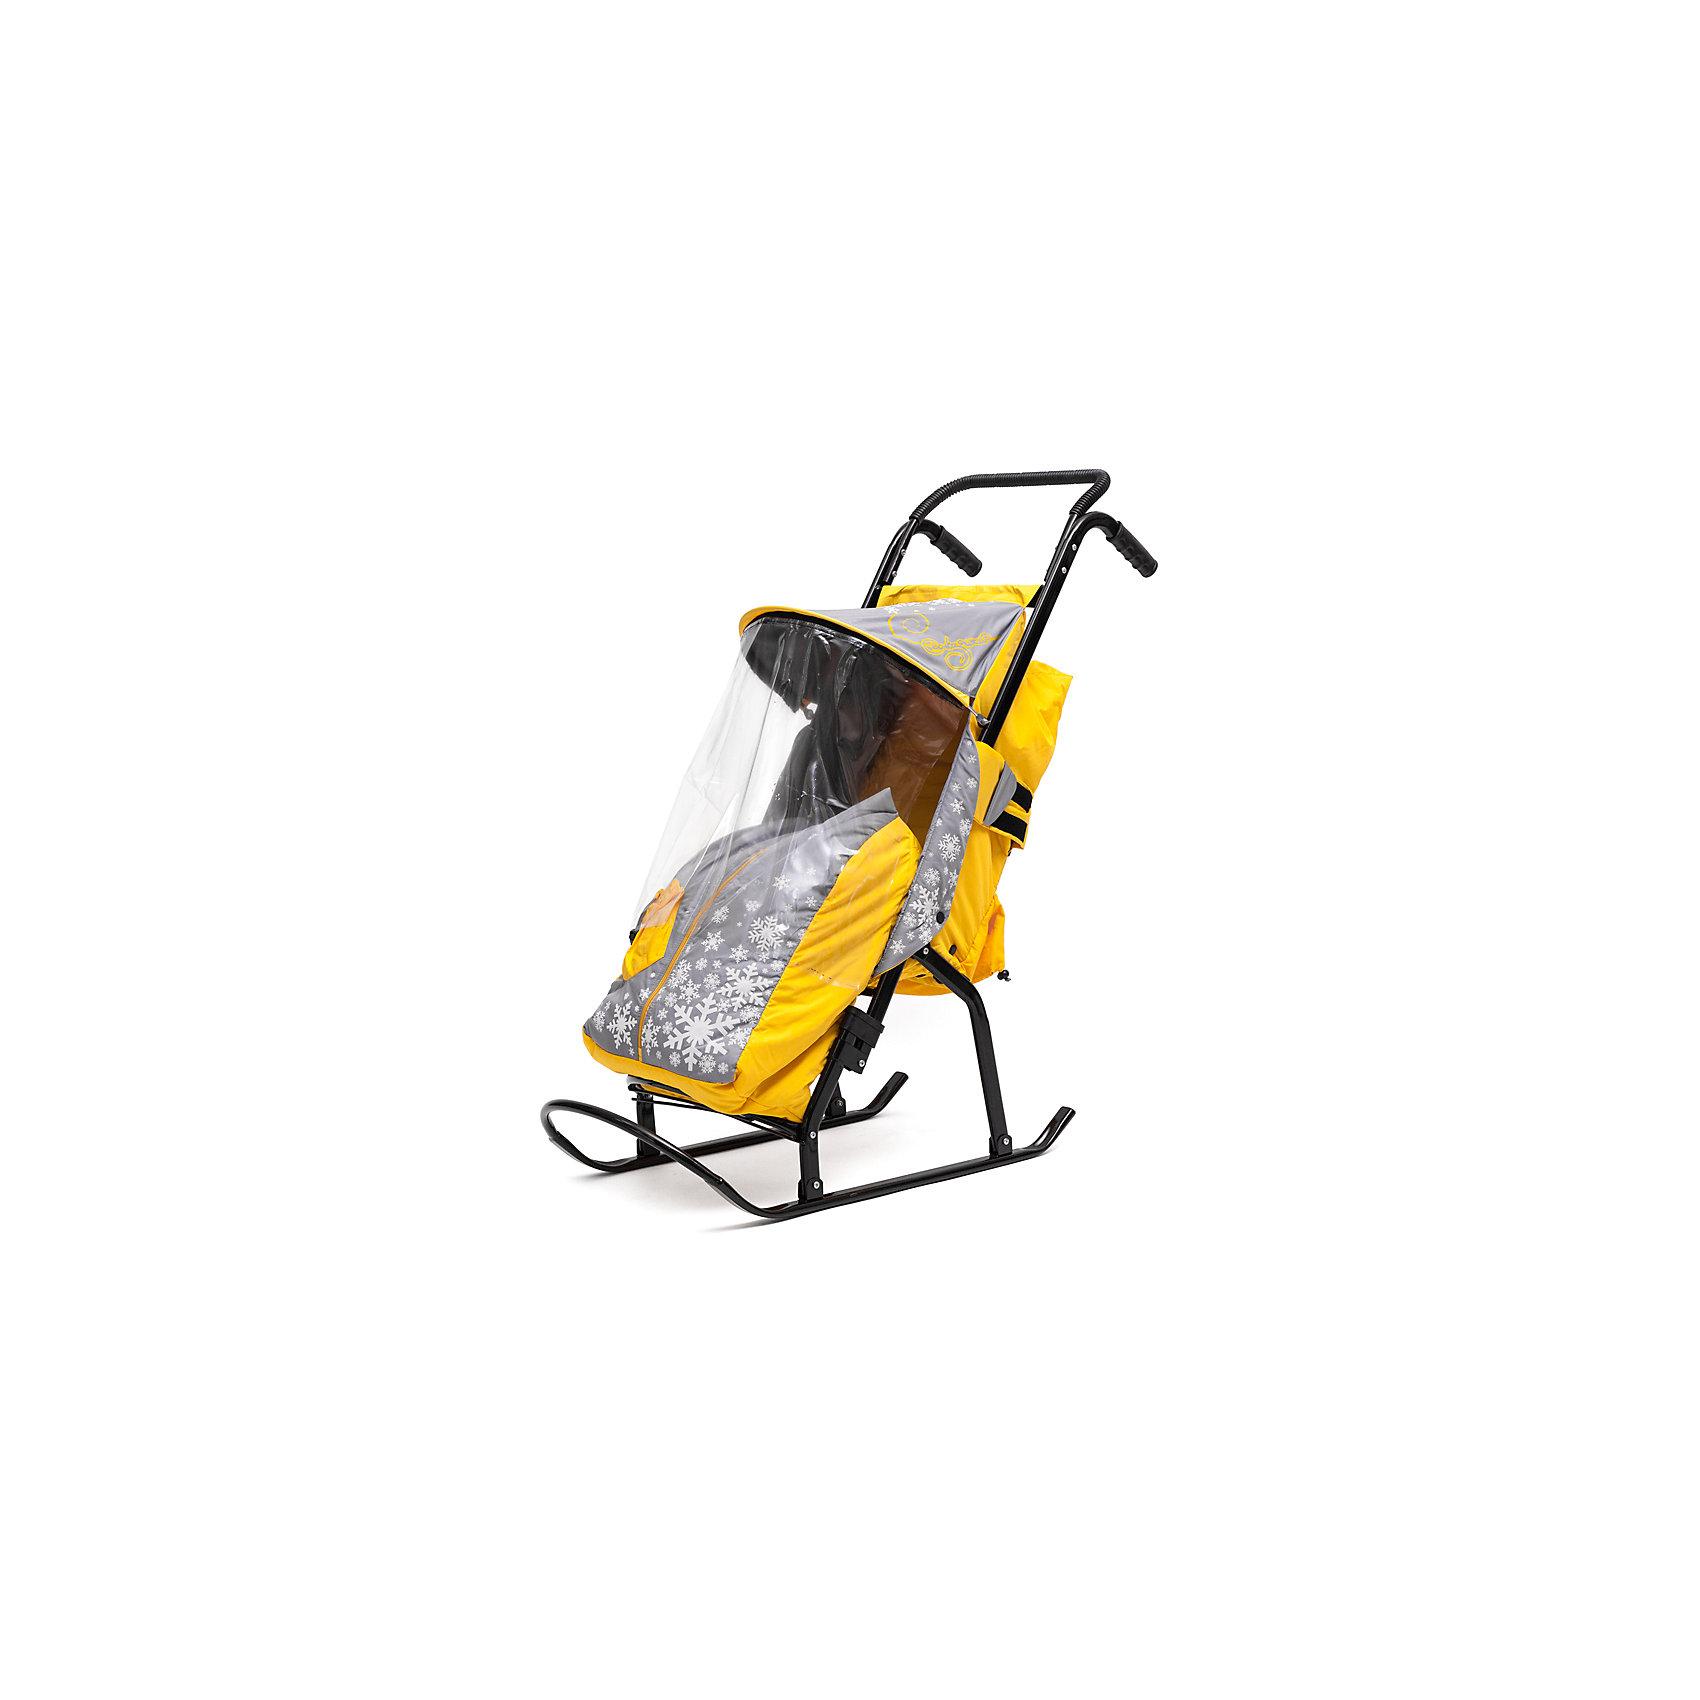 Санки-коляска Снегурочка 2-Р1, Скользяшки, серый-желтыйСанки-коляска Снегурочка 2-Р1, Скользяшки, серый-желтый.<br><br>Характеристики:<br><br>• регулируемая спинка<br>• водо- и ветронепроницаемая ткань<br>• ремни безопасности <br>• удобные ручки <br>• чехол для ножек и козырек<br>• легко складываются<br>• материал рамы: сталь<br>• сидение: 35х26 см<br>• спинка: 35х51 см<br>• размер санок: 110х105х48 см<br>• размер в сложенном виде: 97х24х48 см<br>• вес: 7 кг<br>• цвет: серый/желтый<br><br>Санки-коляска Снегурочка 2-Р1 предназначены для зимних прогулок с ребенком возрастом от 8 месяцев до четырех лет. Санки имеют достаточно широкие полозья, хорошо скользящие по снегу. Вы можете быть уверены, что малыш не замерзнет благодаря защитному чехлу для ножек и козырьку. Спинка плавно регулируется до лежачего положения, чтобы ребенок мог спокойно отдохнуть или поспать. Двойная ручка очень удобна для мамы: вы можете везти санки за широкое основание или за 2 небольших ручки. В собранном виде санки-коляска очень компактны для хранения и транспортировки. Прекрасный вариант зимнего транспорта крохи!<br><br>Санки-коляска Снегурочка 2-Р1, Скользяшки, серый-желтый вы можете купить в нашем интернет-магазине.<br><br>Ширина мм: 1000<br>Глубина мм: 480<br>Высота мм: 240<br>Вес г: 8000<br>Возраст от месяцев: 12<br>Возраст до месяцев: 48<br>Пол: Унисекс<br>Возраст: Детский<br>SKU: 5137221